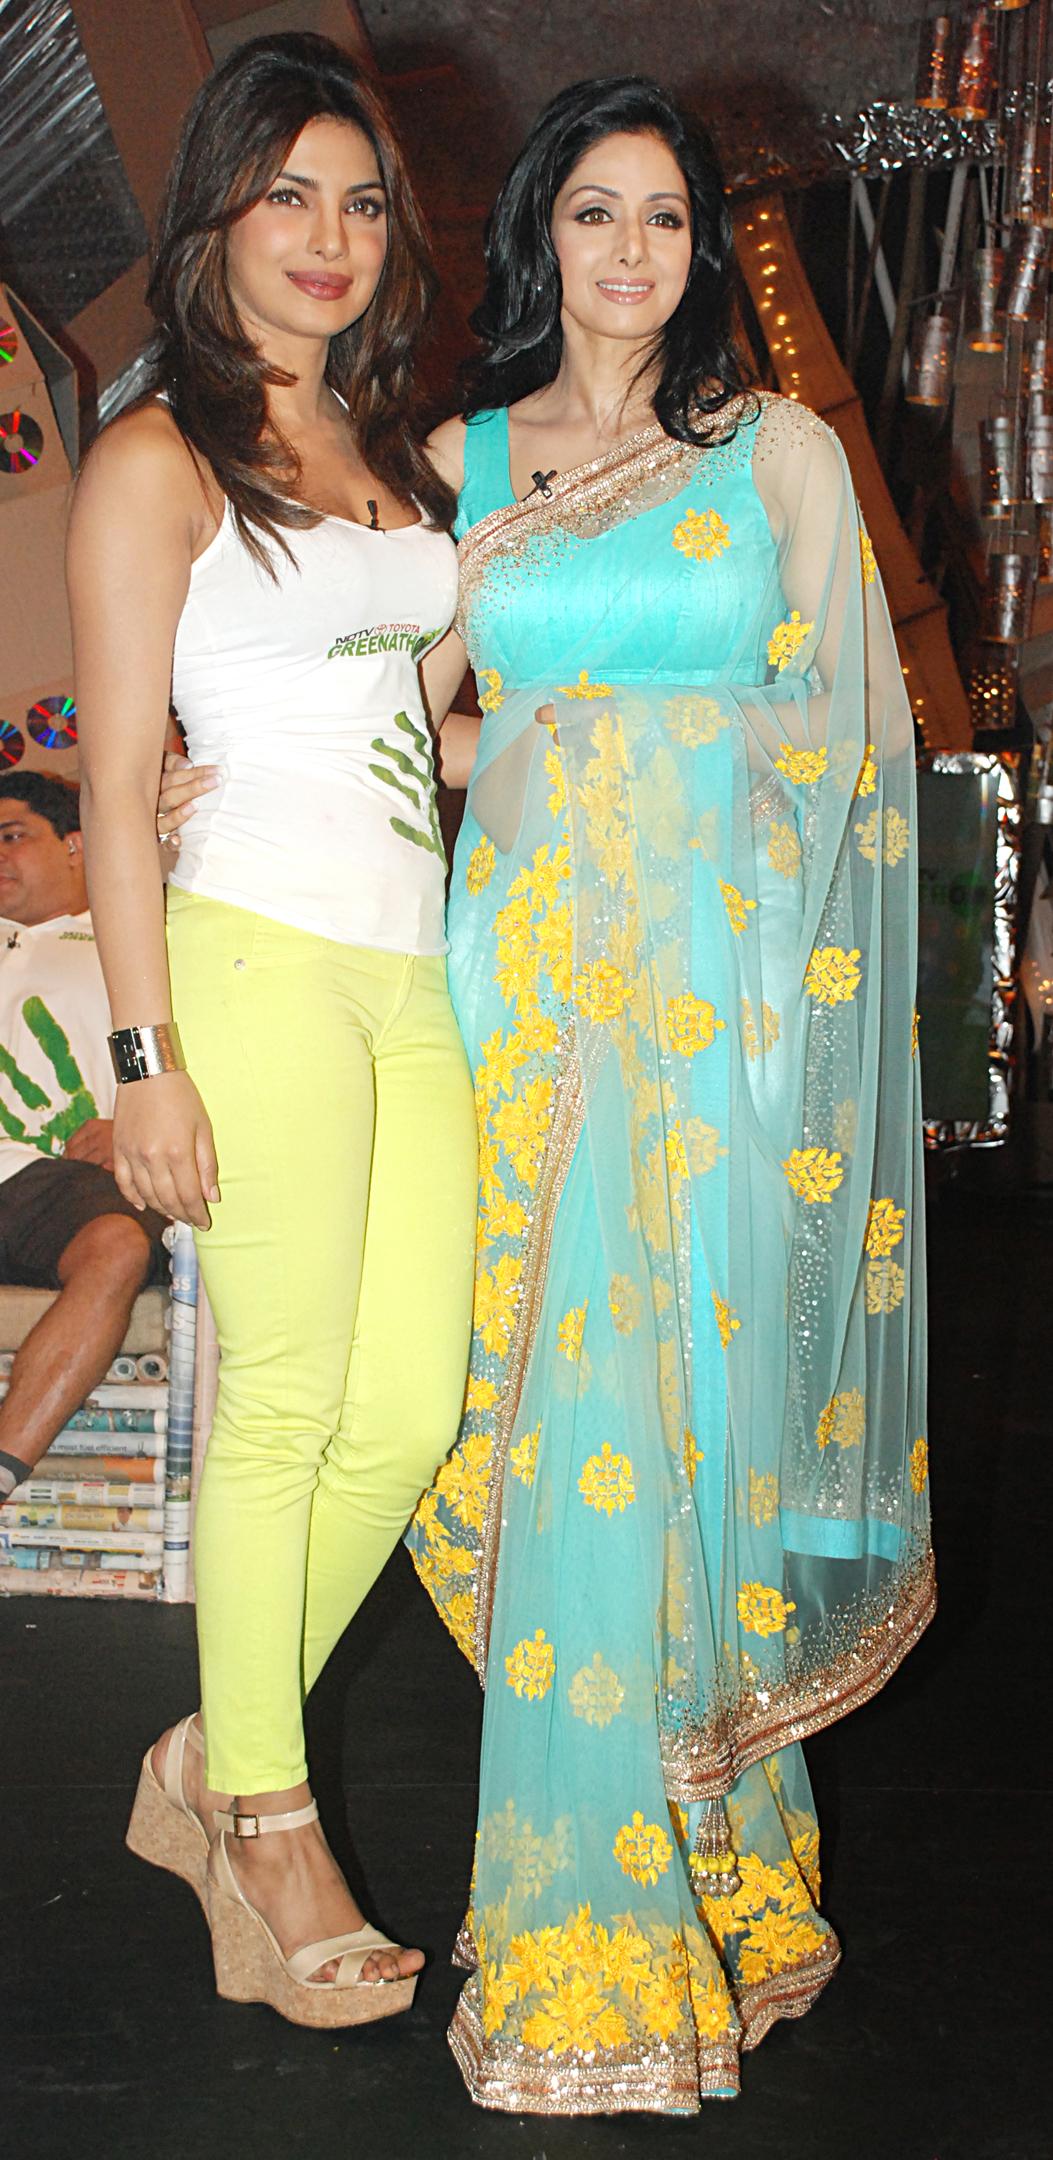 Priyanka Chopra with Sridevi